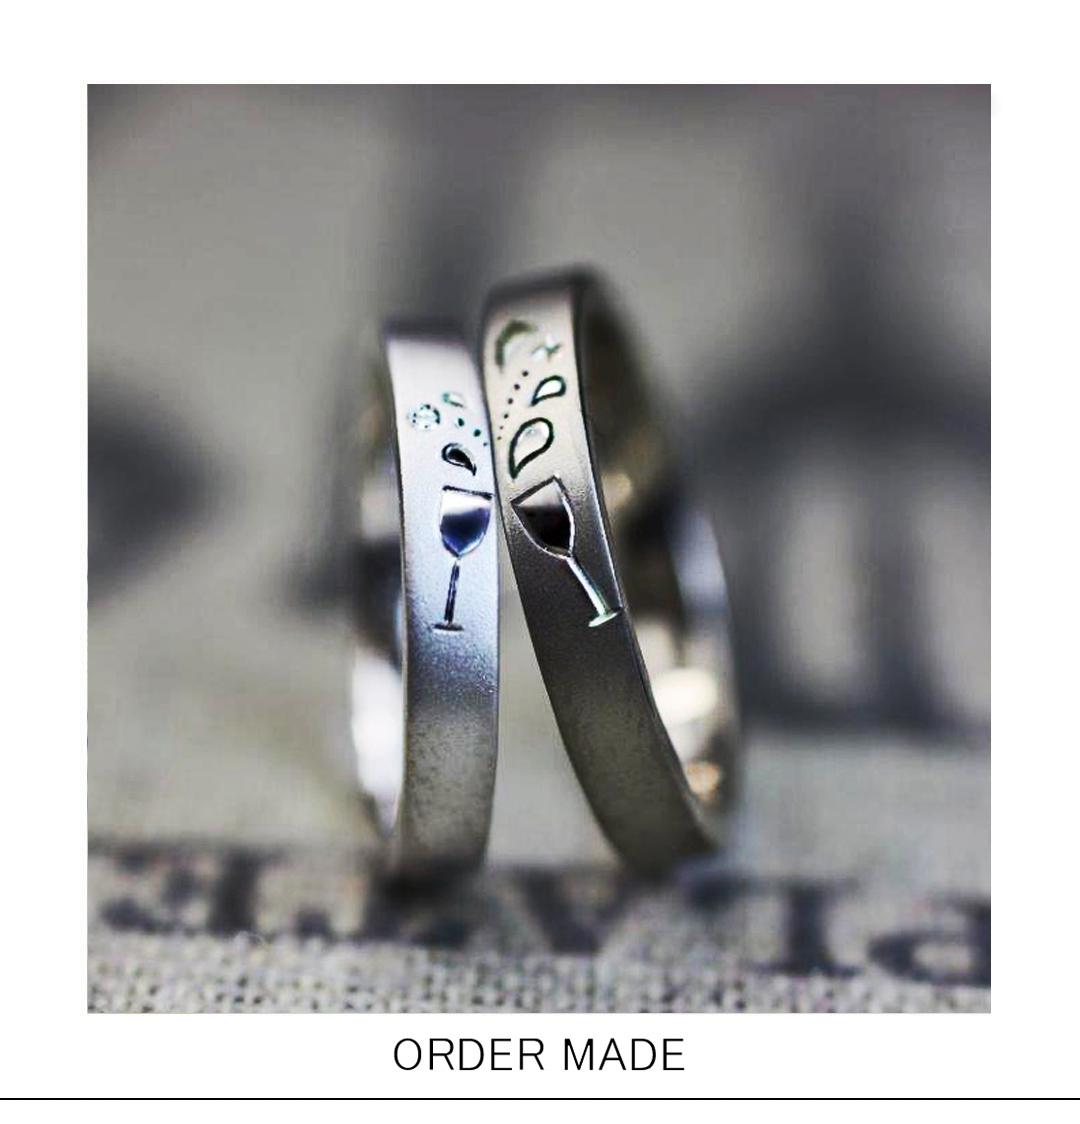 結婚指輪にワイングラスで乾杯をする模様を入れたオーダーリングのサムネイル